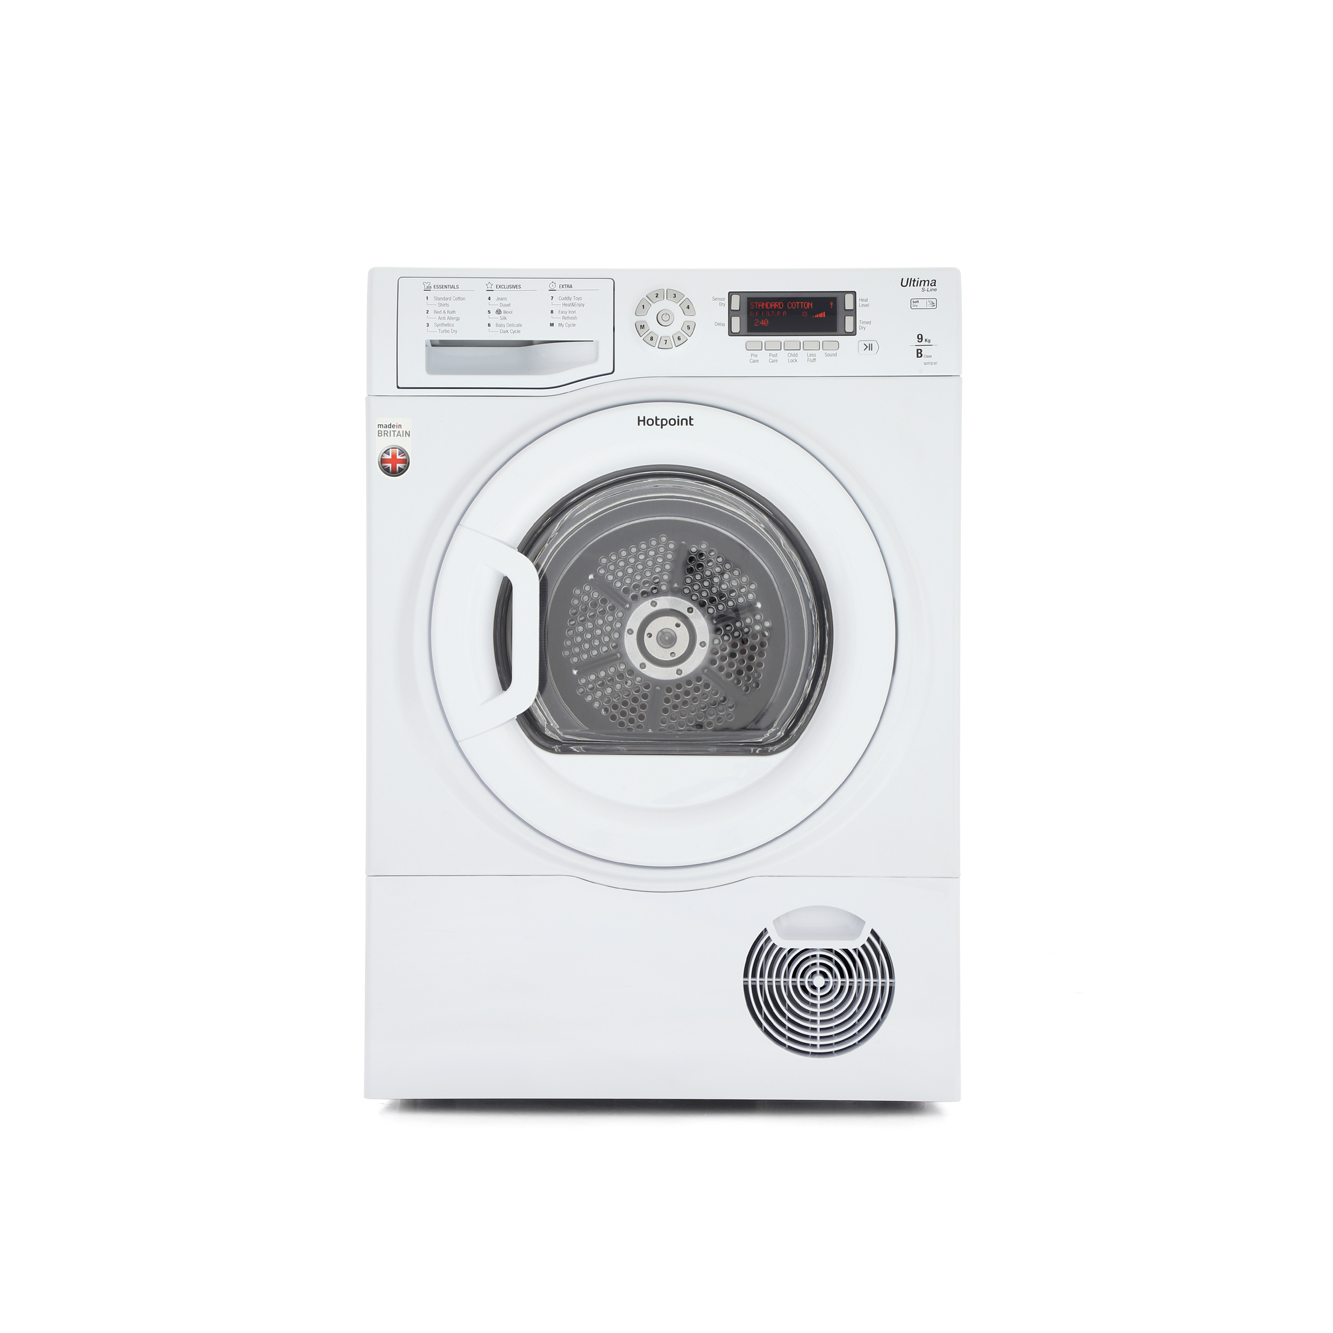 Hotpoint Ultima SUTCD97B6P Condenser Dryer